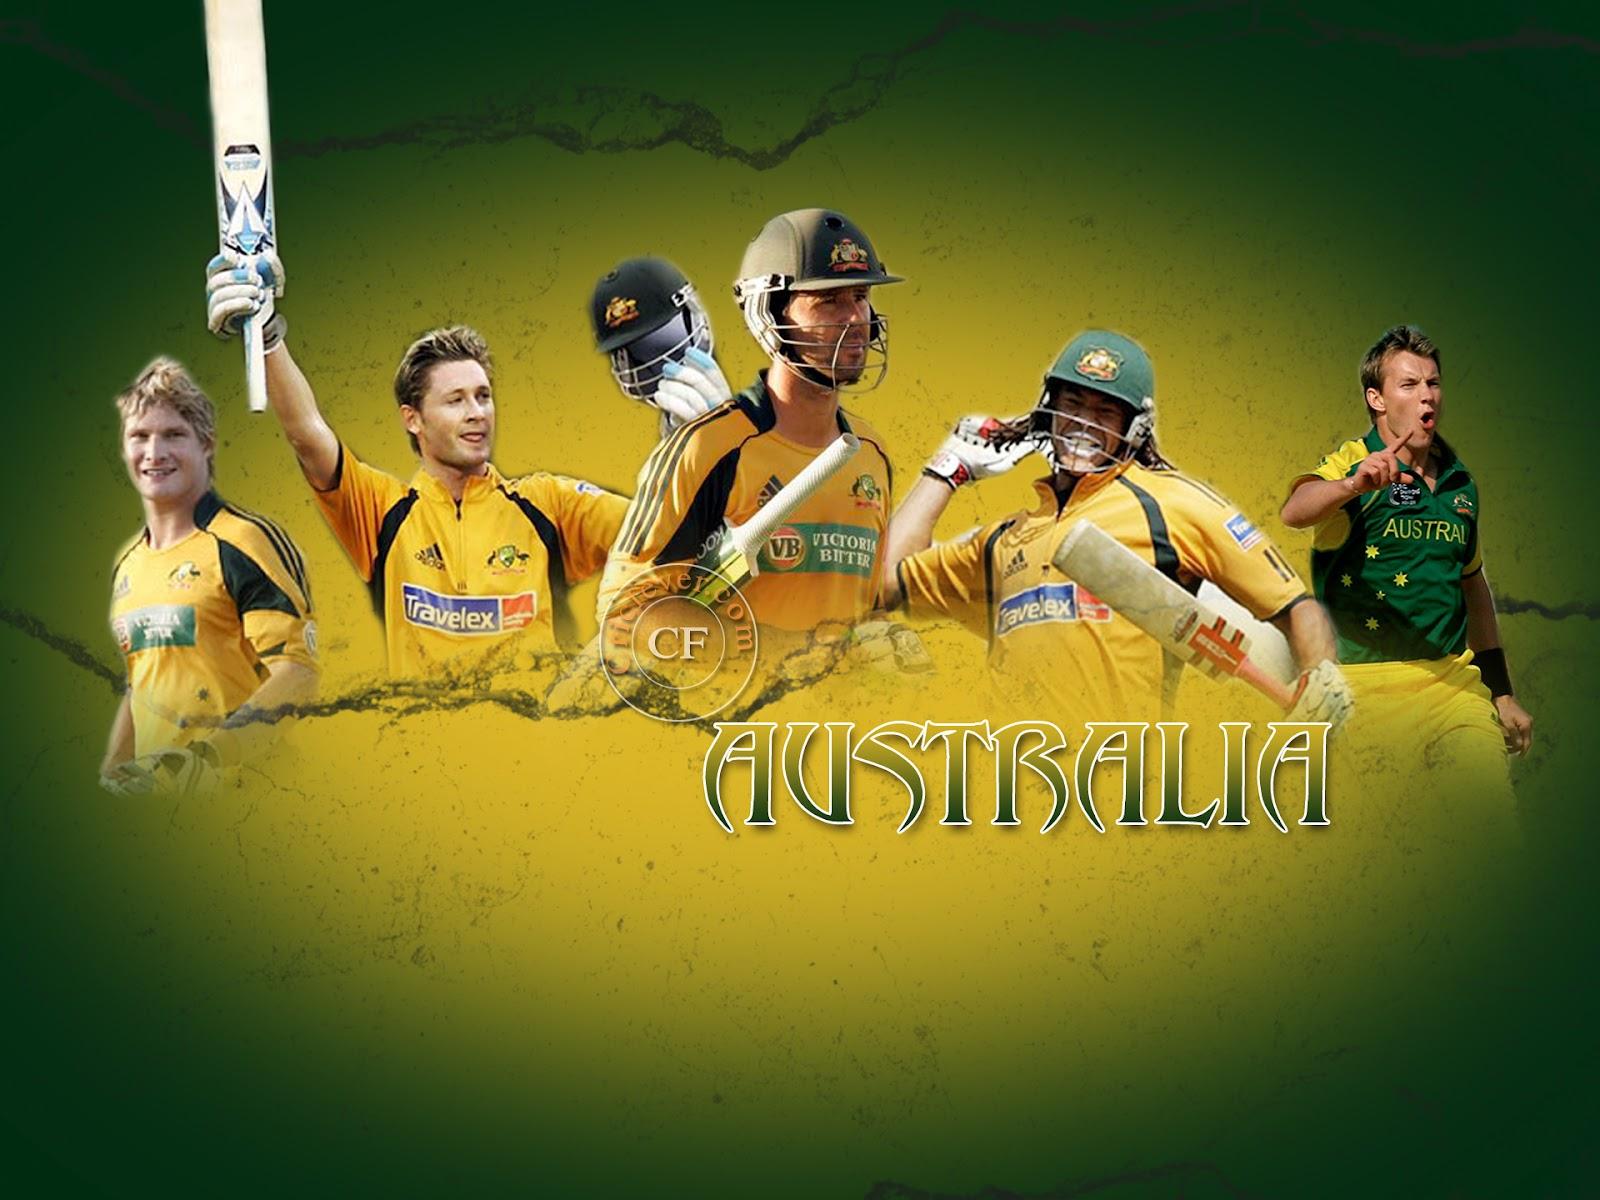 http://3.bp.blogspot.com/-avmE23tdNeY/Tyze5ZeW8sI/AAAAAAAAAdk/6nvQbvXMcVk/s1600/Team_Australia.jpg